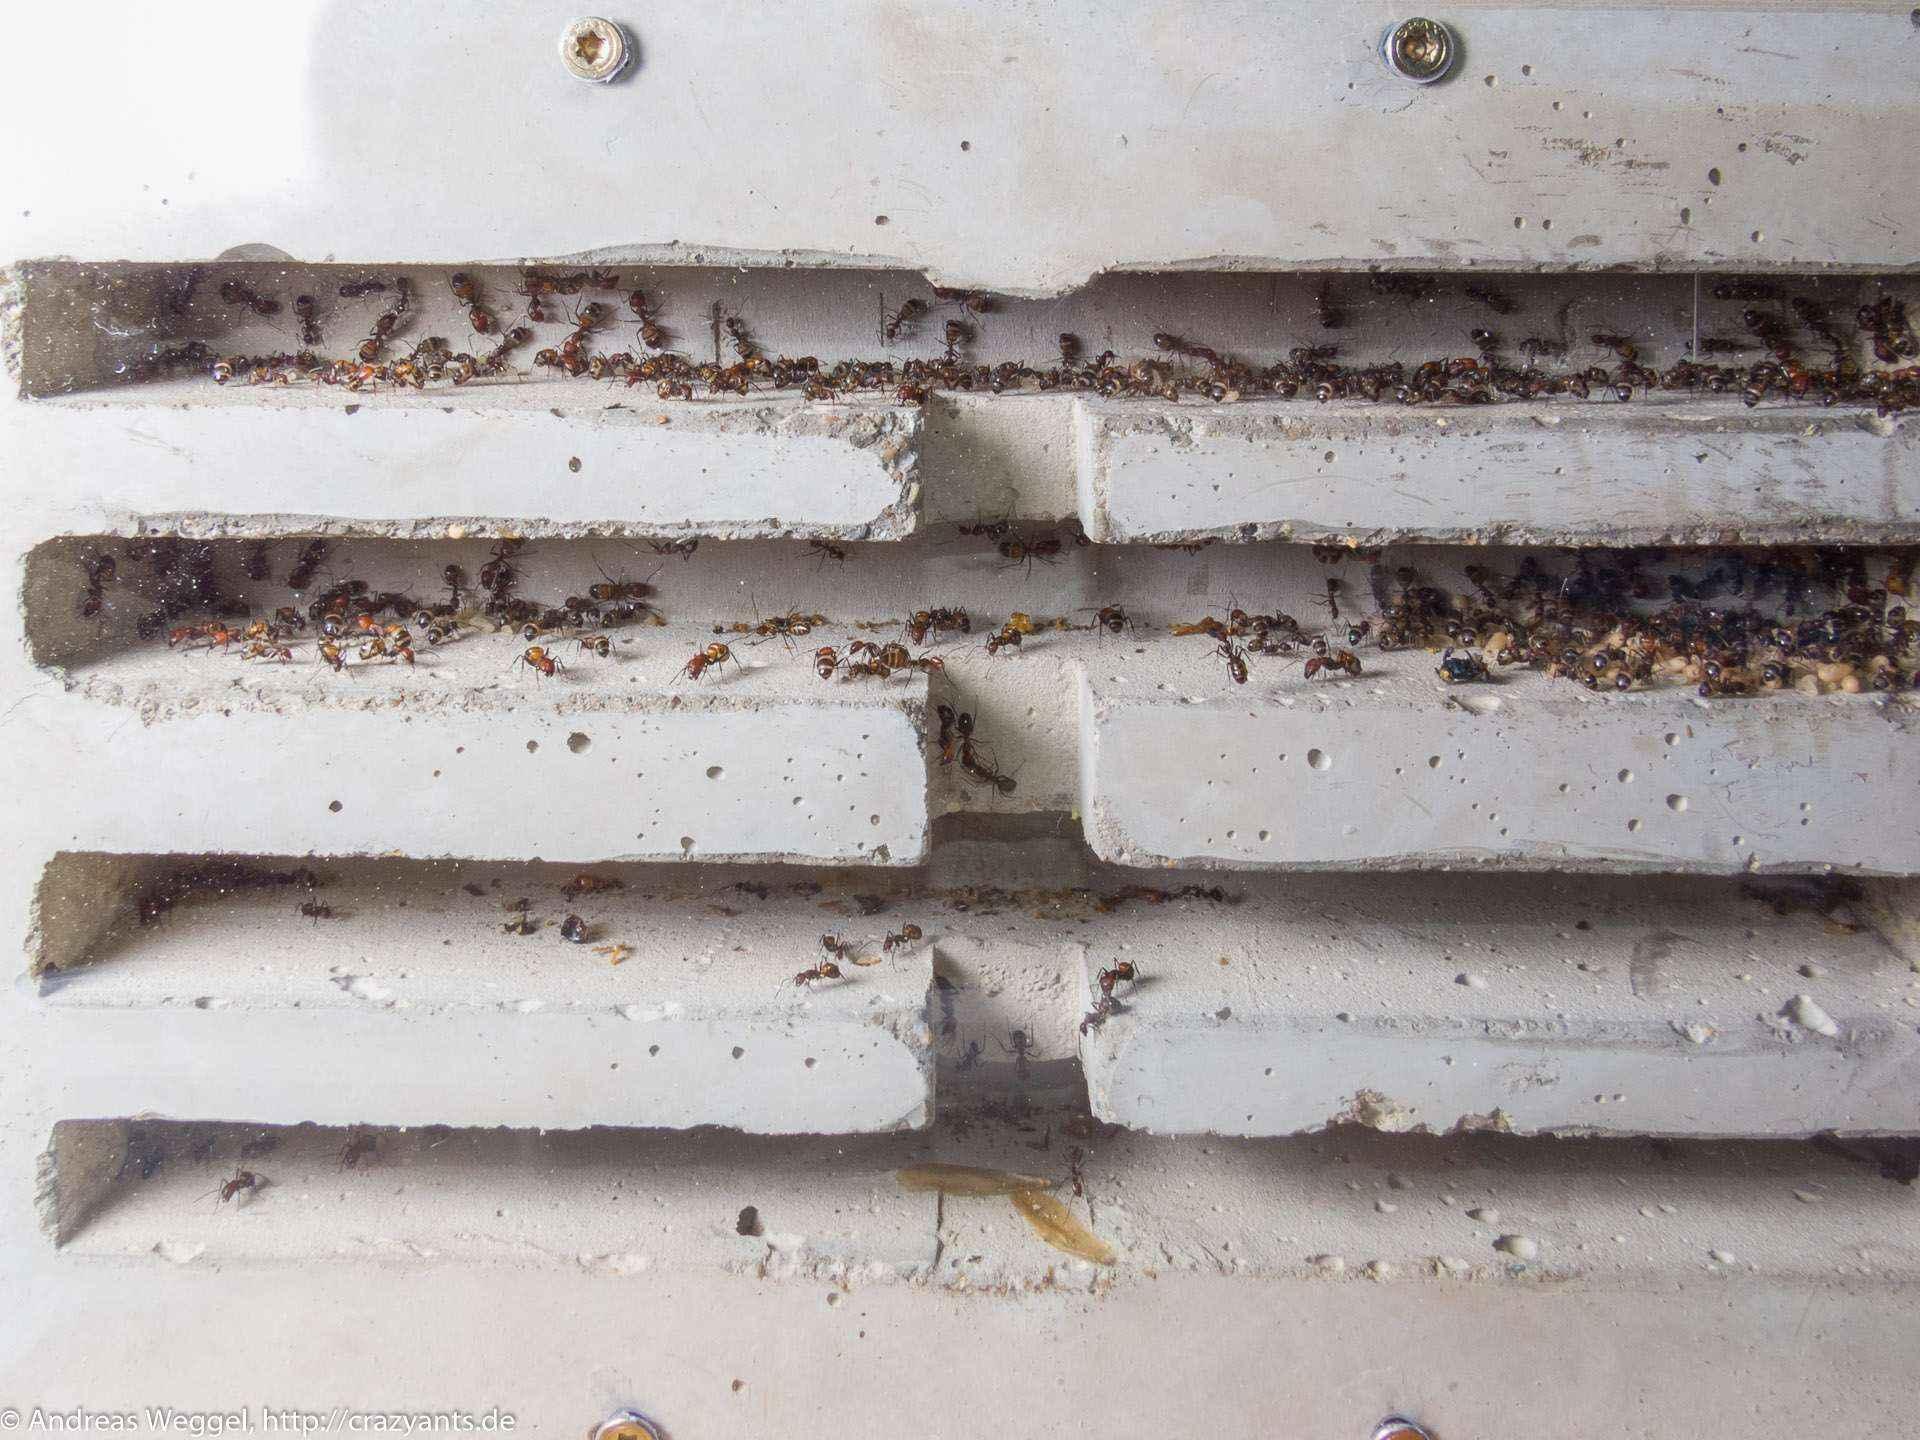 Camponotus nicobarensis: Betonbunker